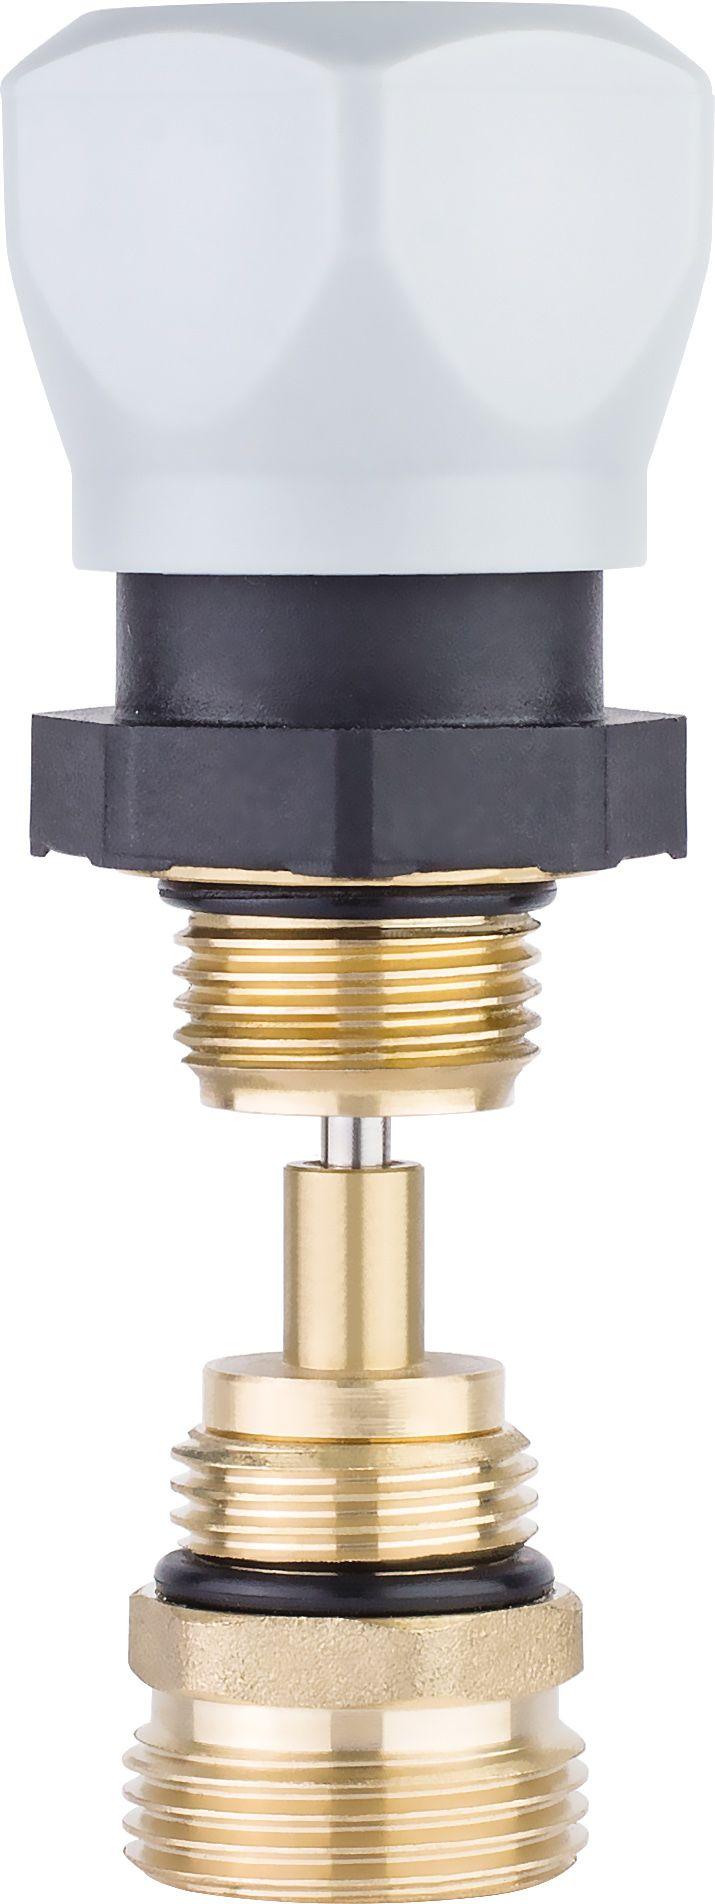 Клапан регулировочный коллекторный с переходным ниппелем (комплект) фото